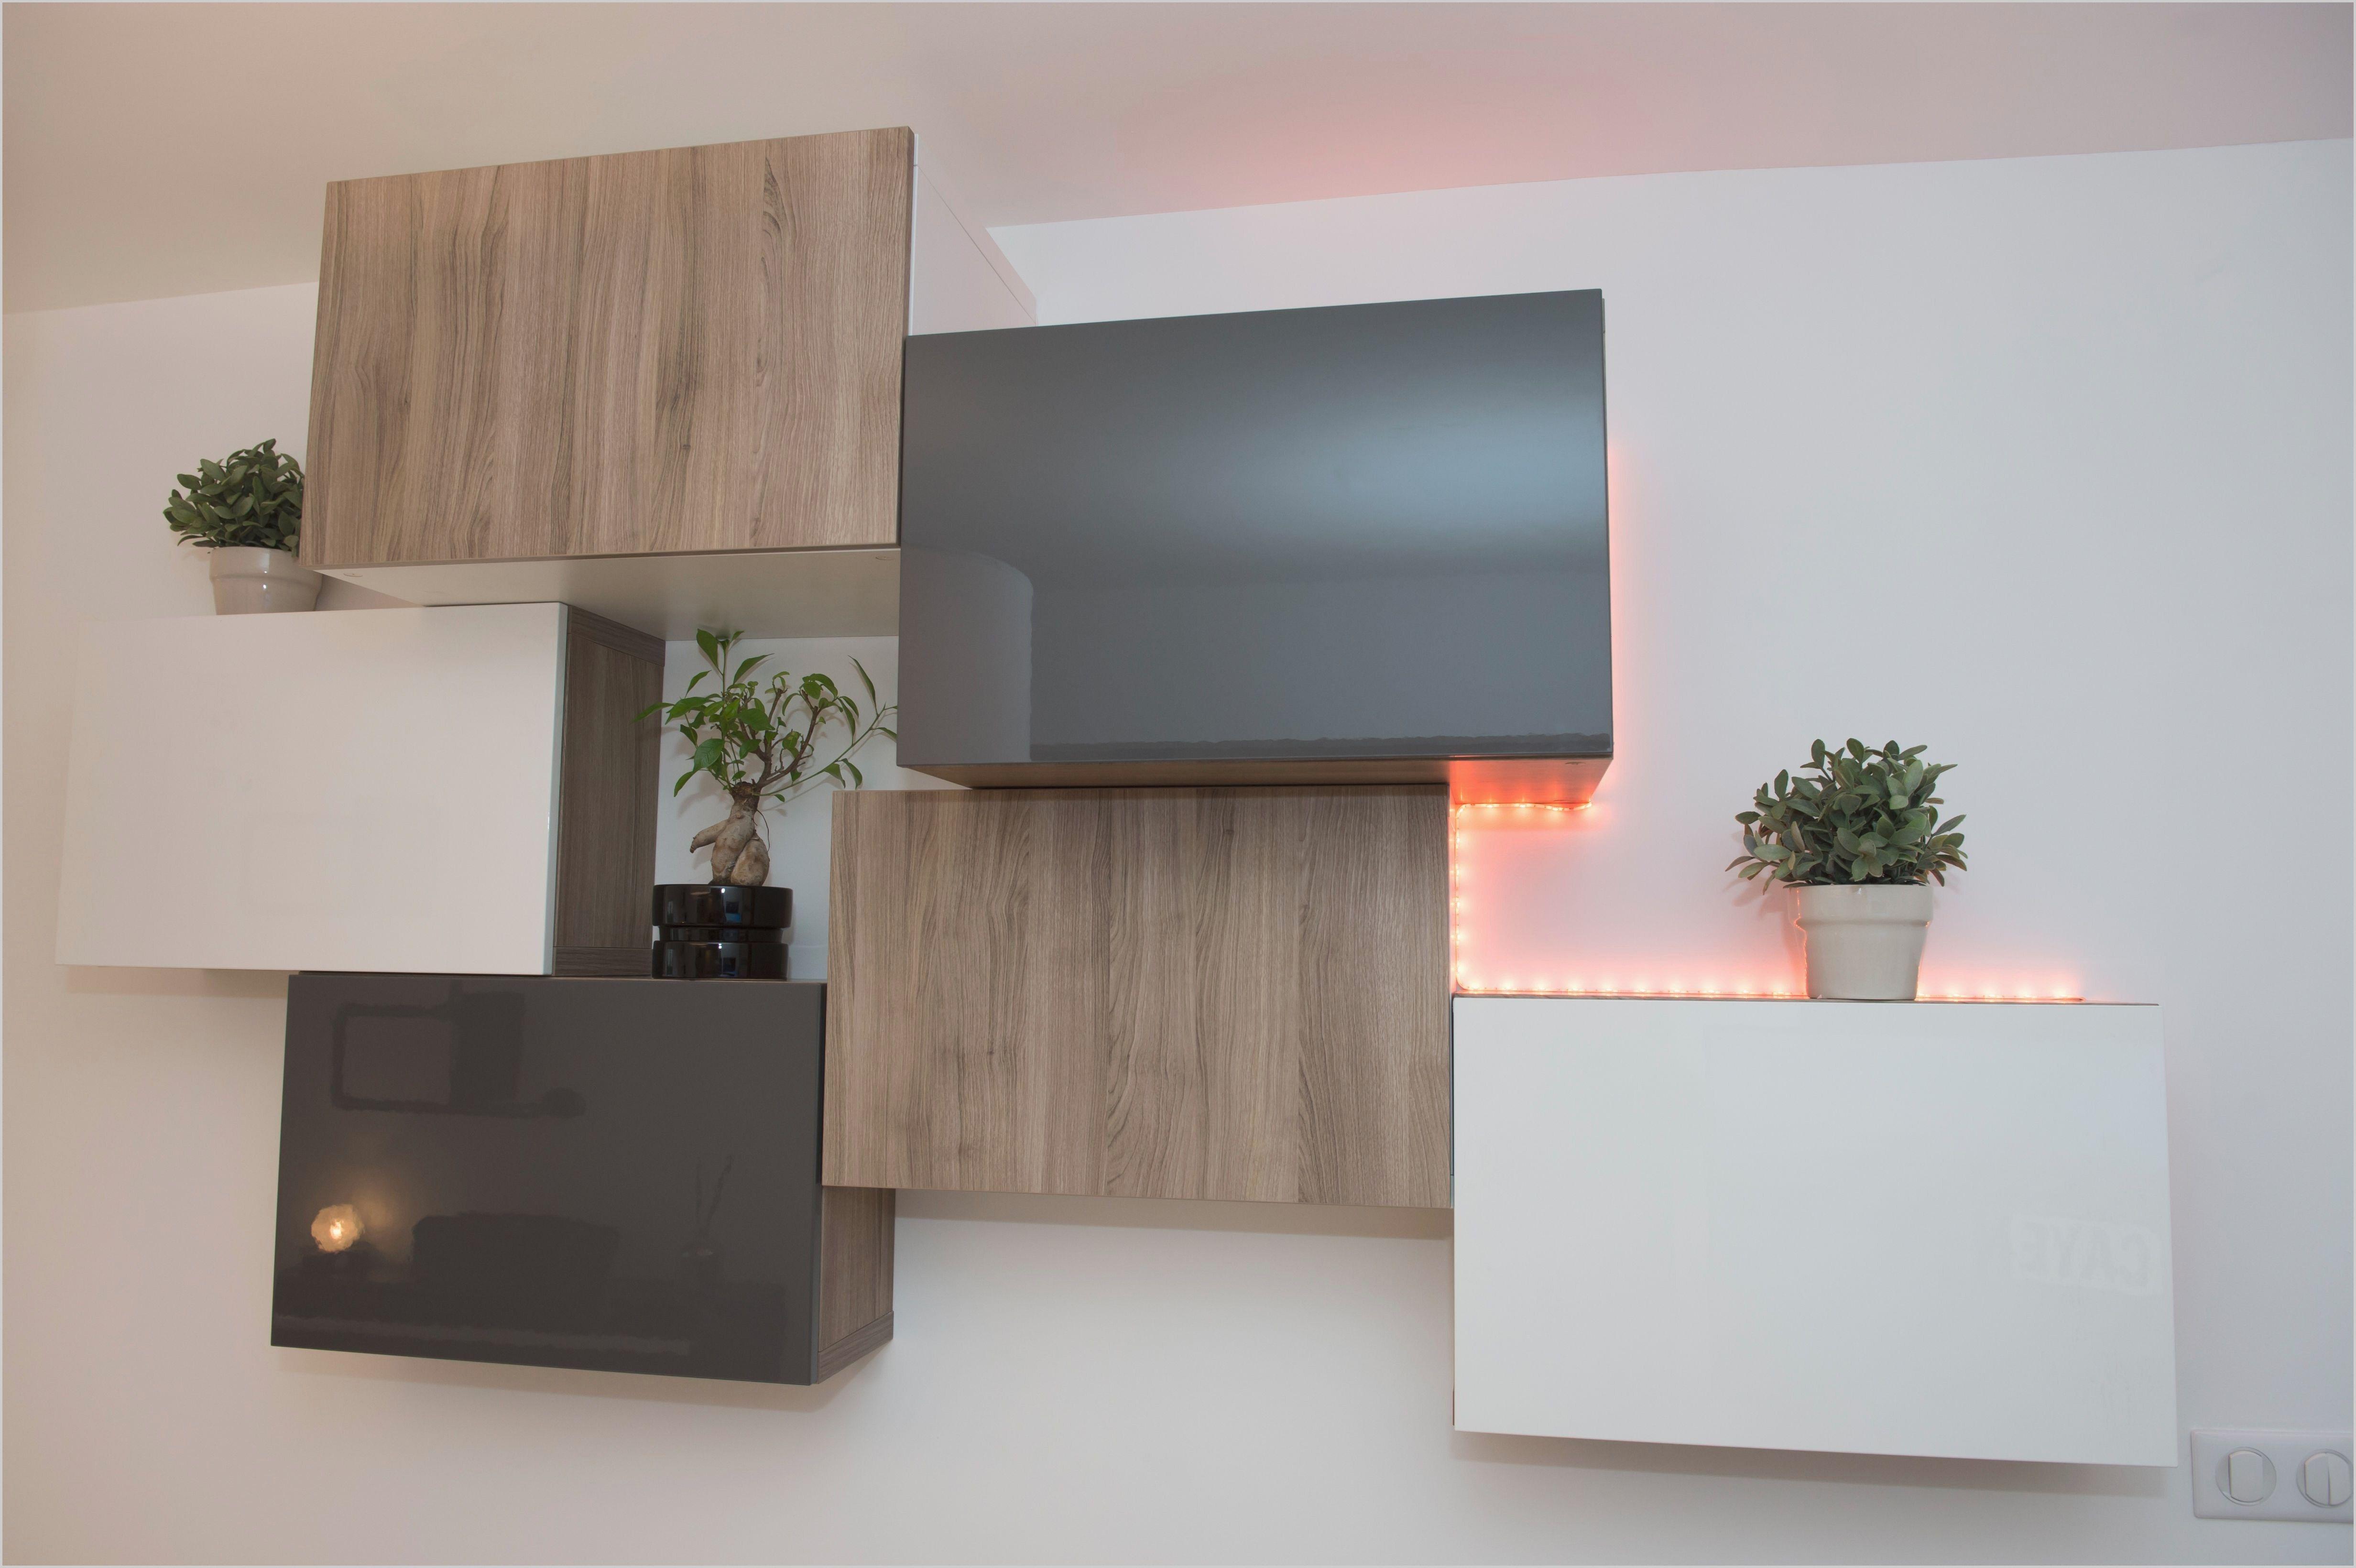 Fixer Meuble Haut Cuisine Ikea Rangement Mural Ikea Meuble